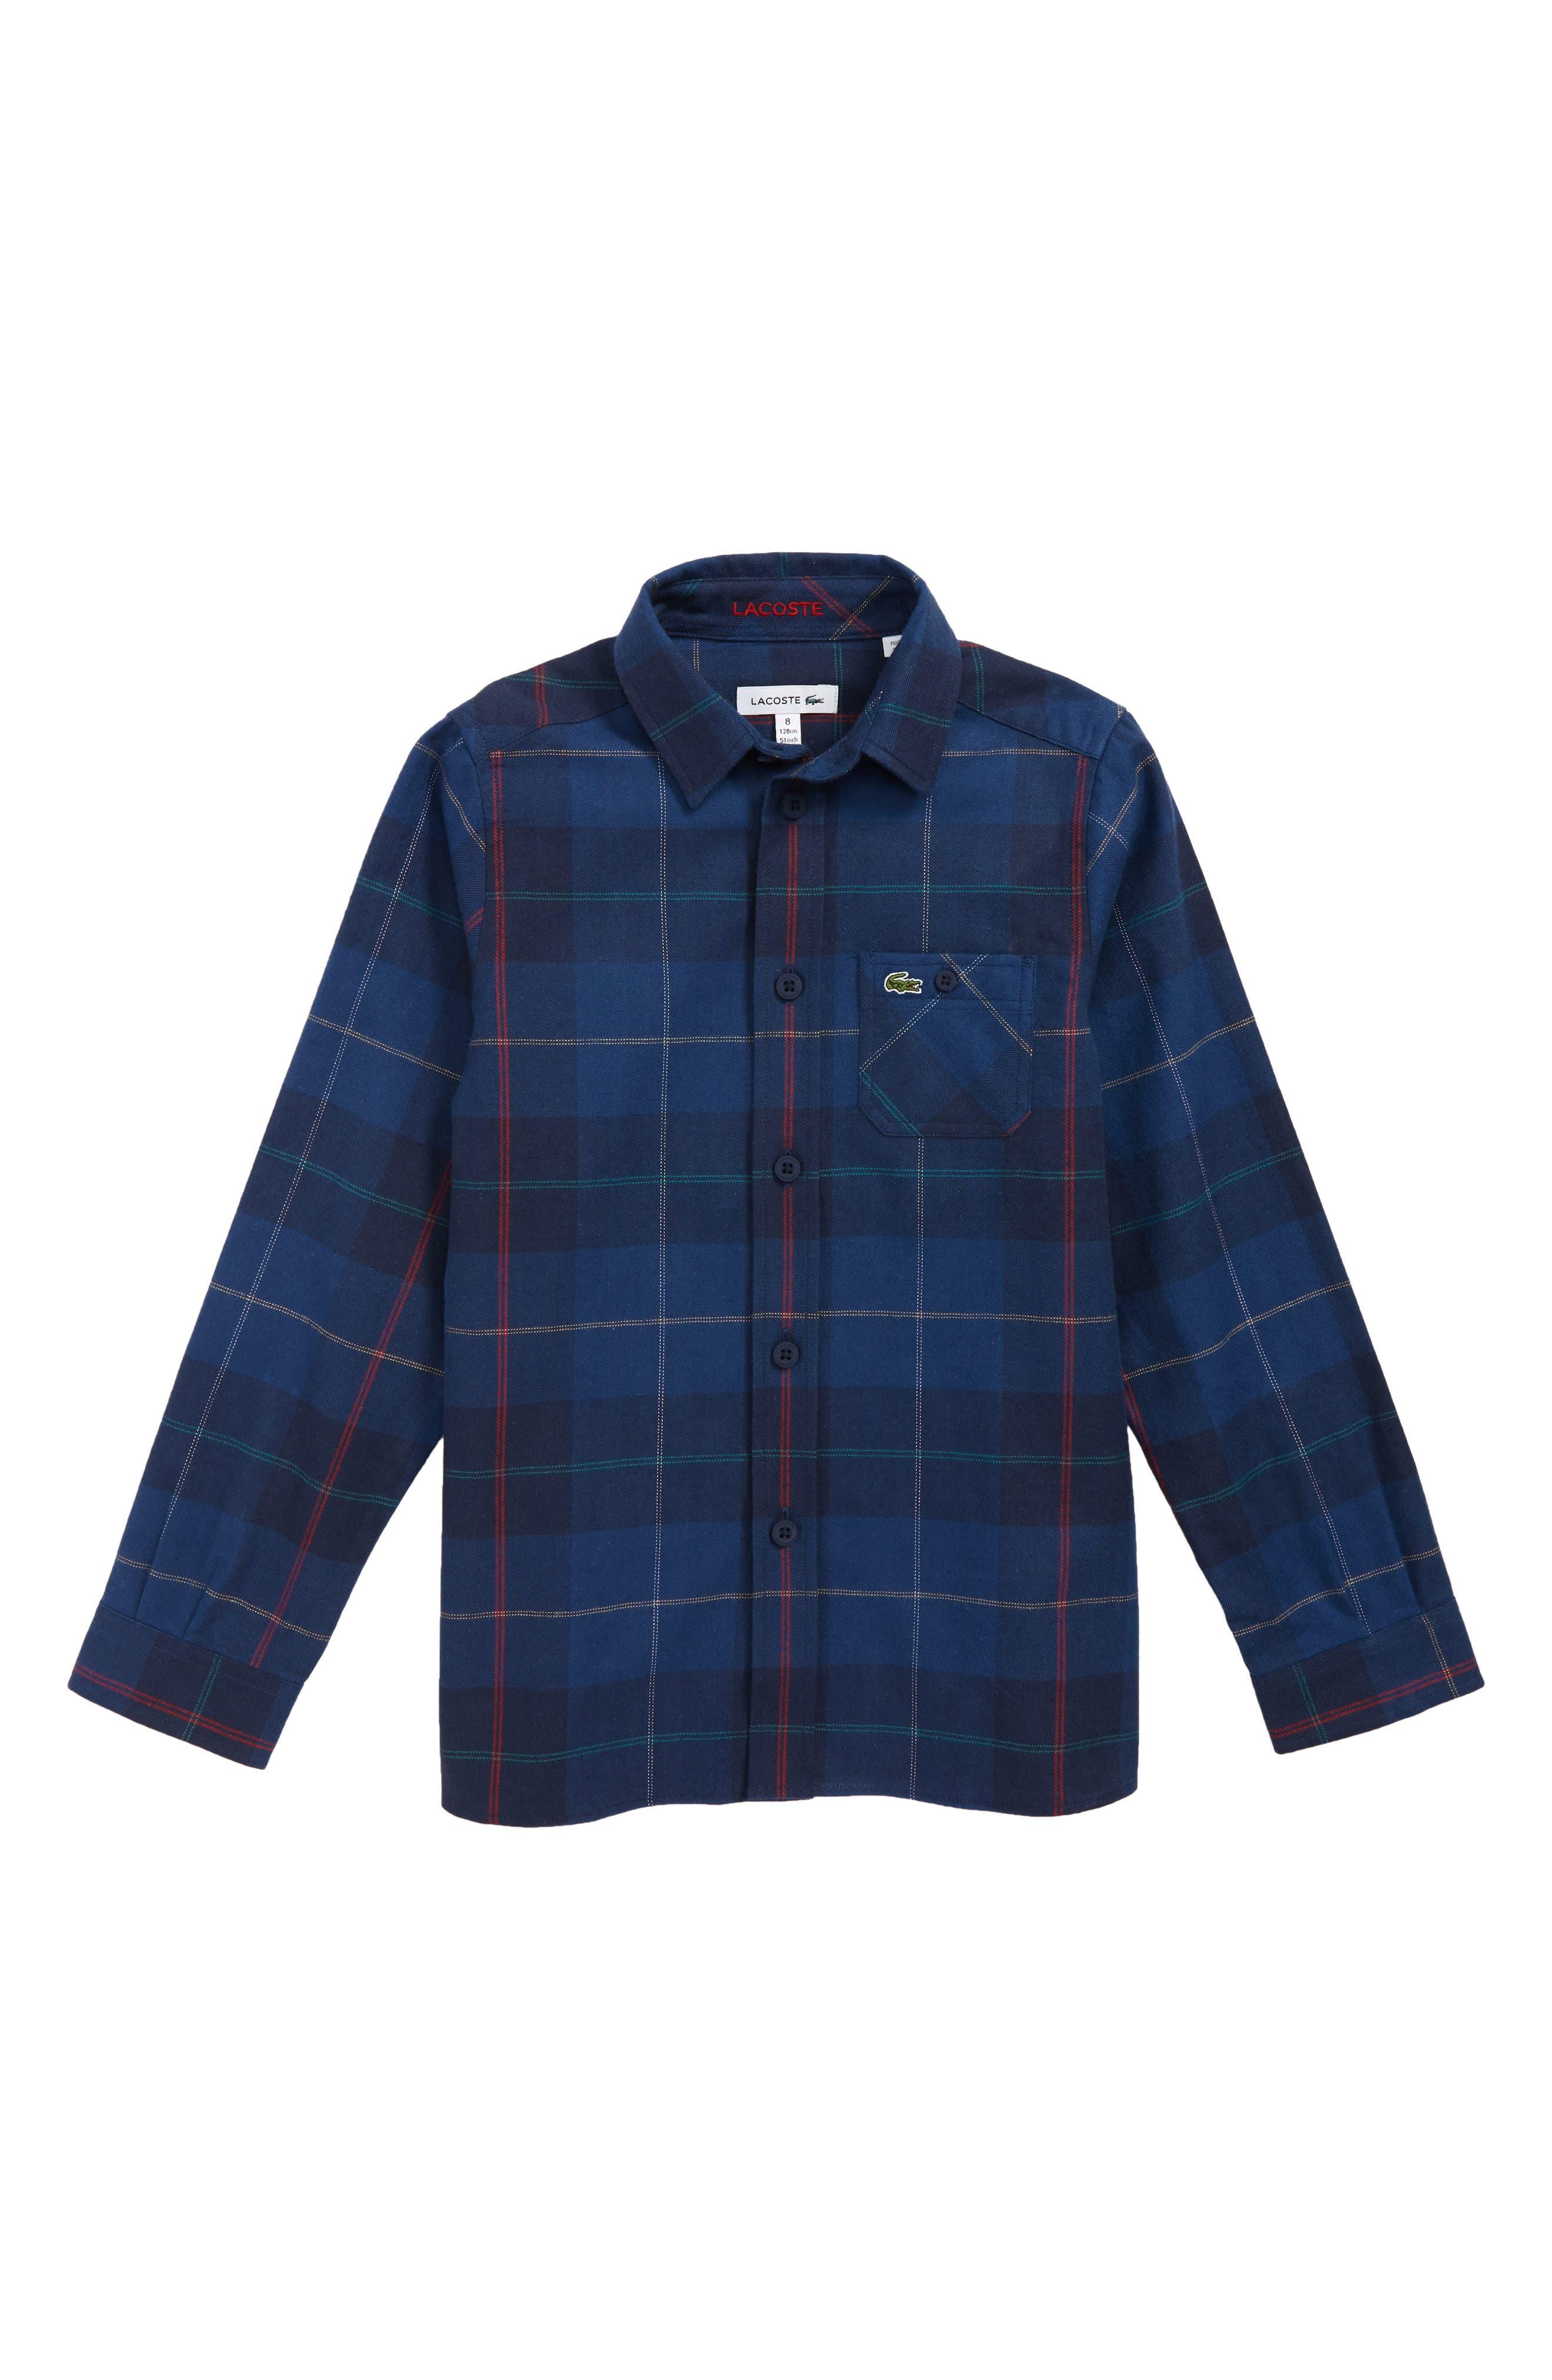 LACOSTE,                             Plaid Flannel Woven Shirt,                             Main thumbnail 1, color,                             C50 PRINT